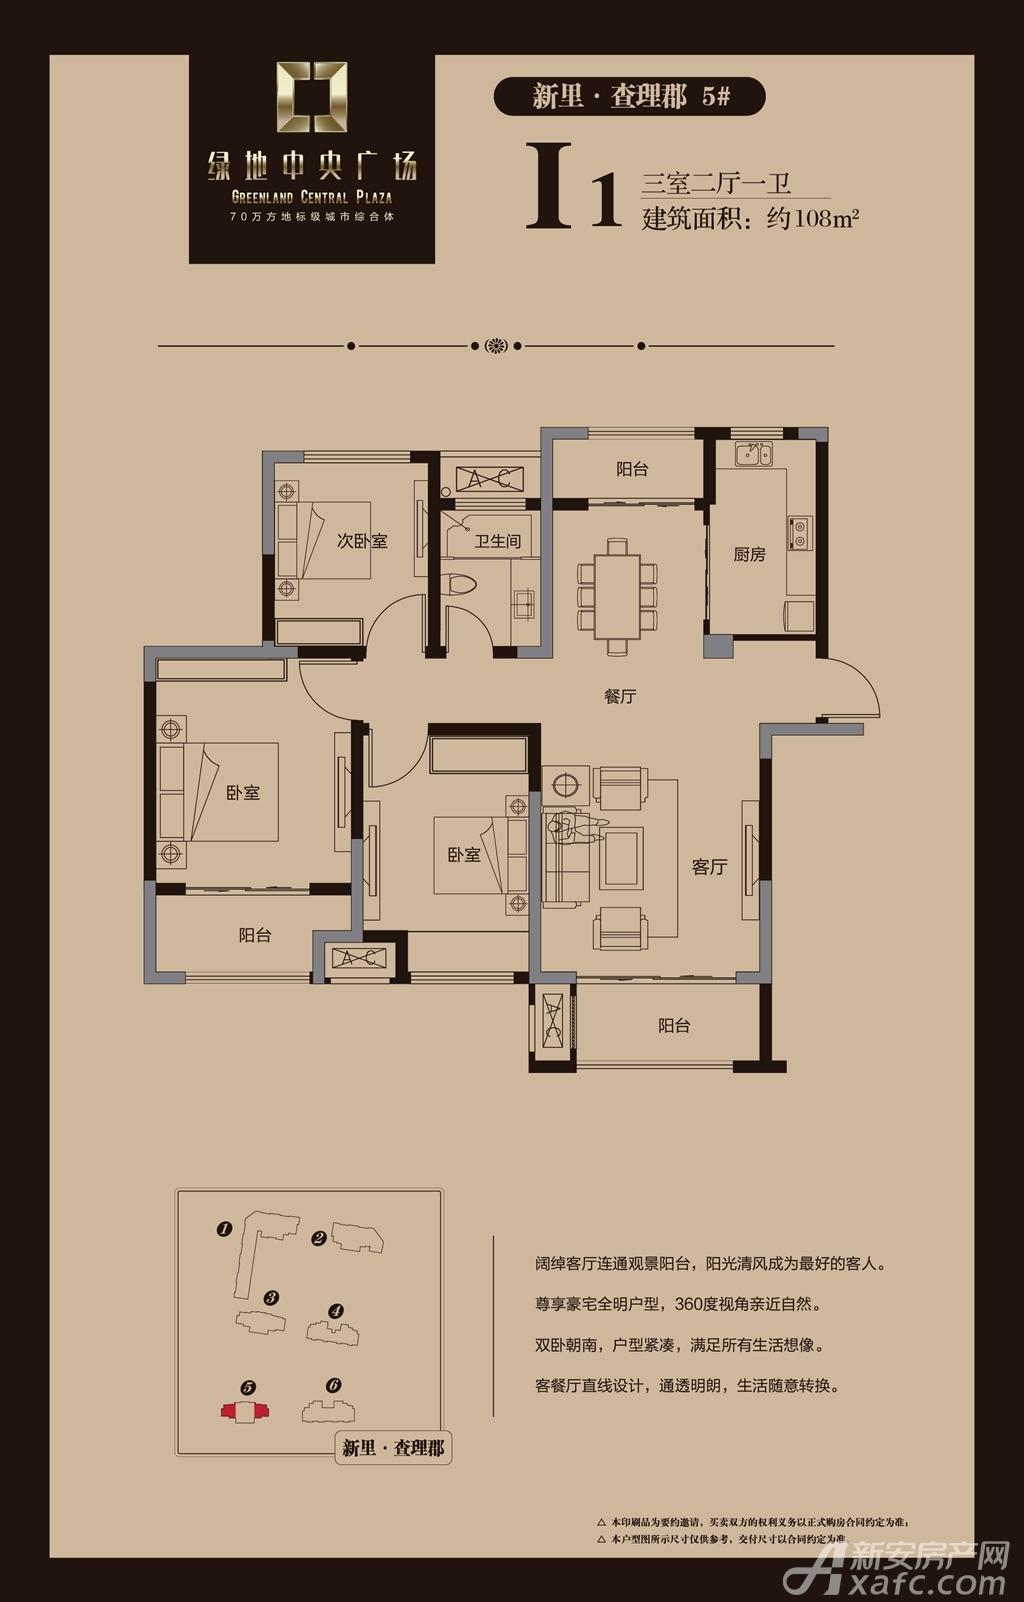 绿地中央广场查理郡I1户型3室2厅108平米